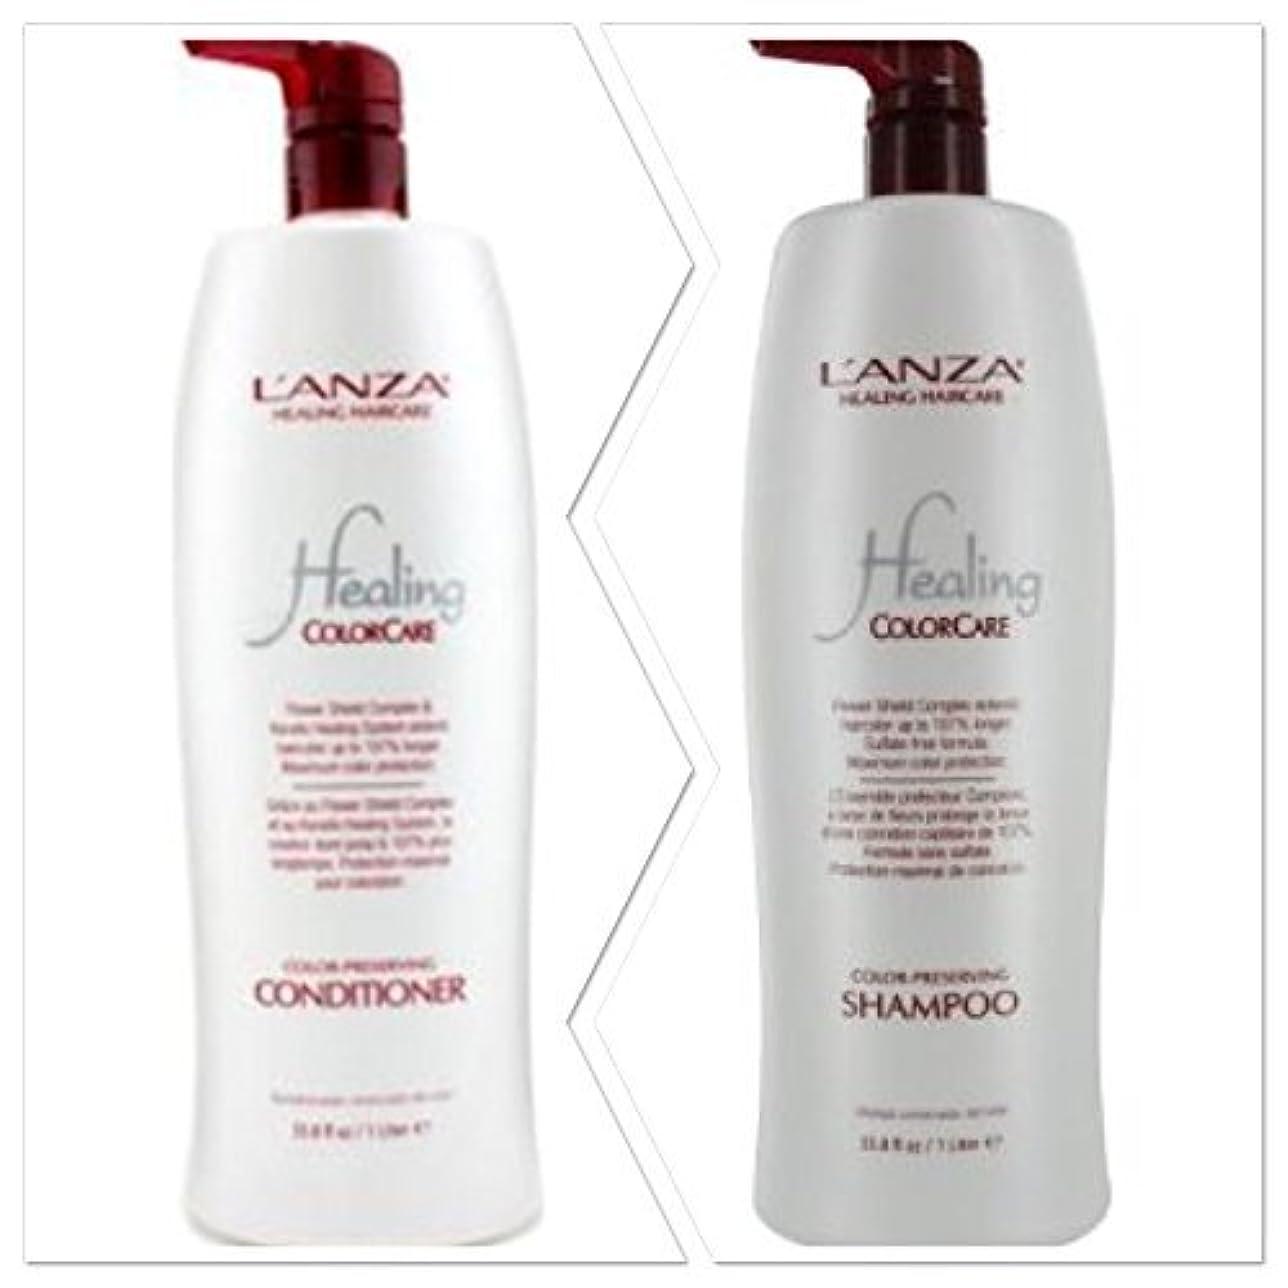 疾患ゴム普通にL'anza Healing Colorcare Color-preserving Shampoo + Conditioner Dou (33.8 oz (1Liter)) by L'anza